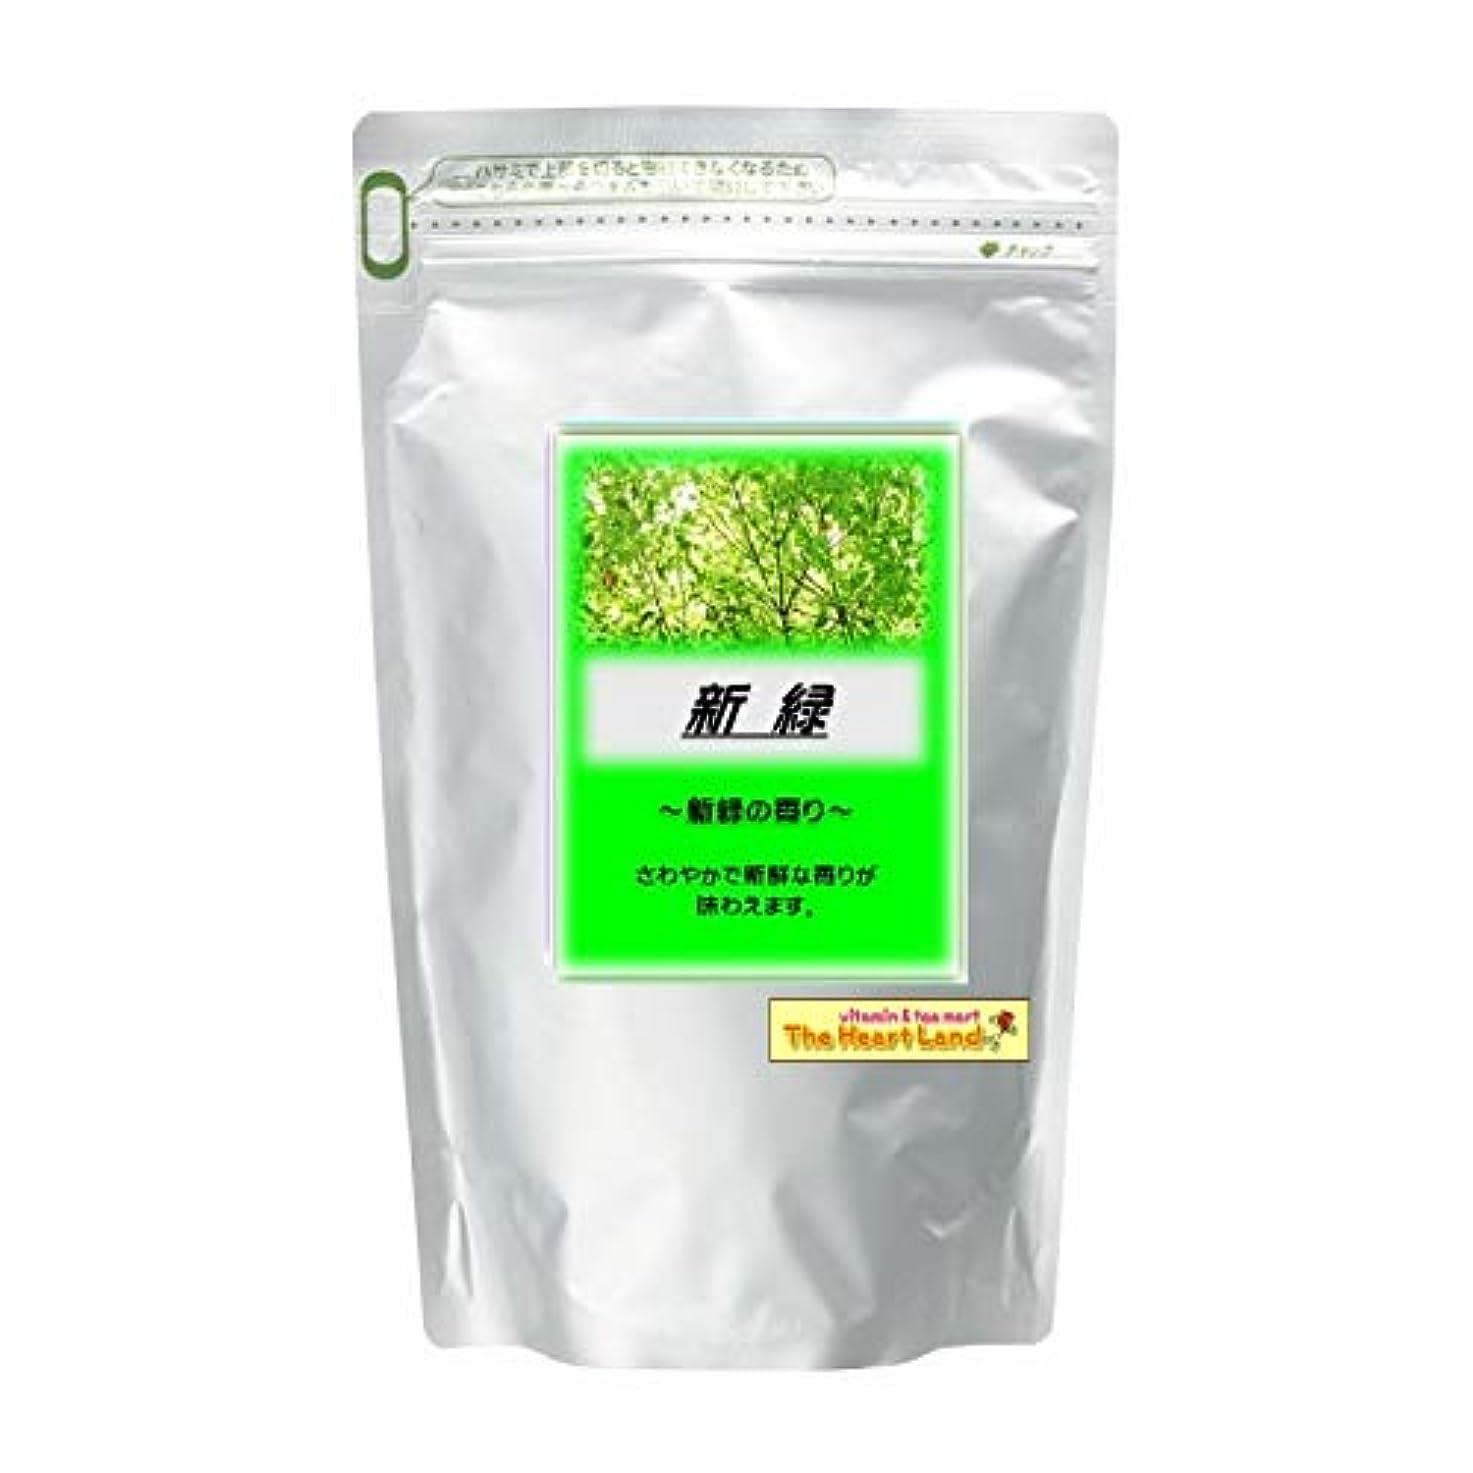 疎外するツインアスリートアサヒ入浴剤 浴用入浴化粧品 新緑 300g